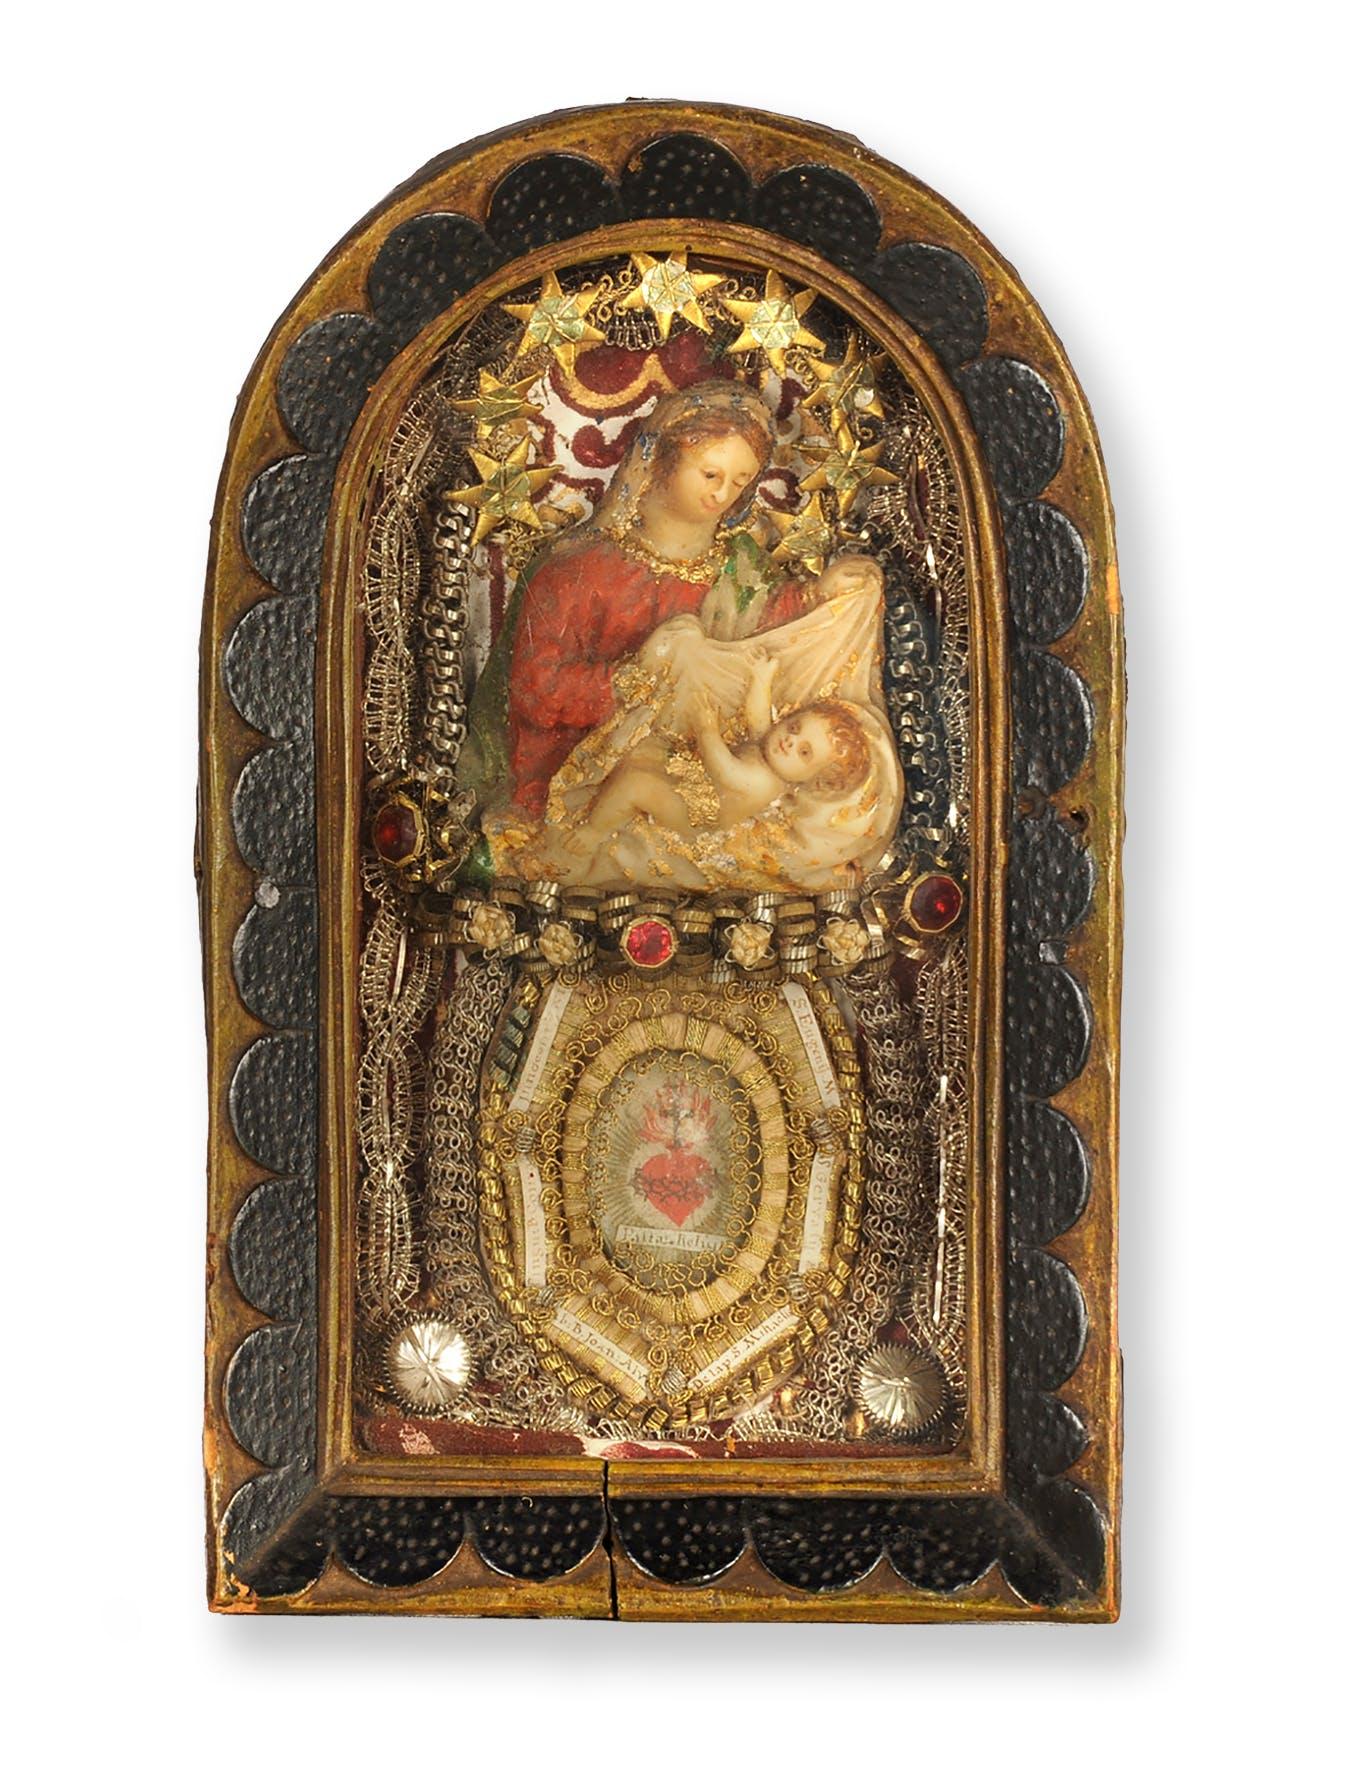 5. Maria mit Kind, Klosterarbeit mit Reliquien, 19.5 x 11.8 x 4.3 cm, Herkunft unbekannt, wohl frühes 19. Jh.